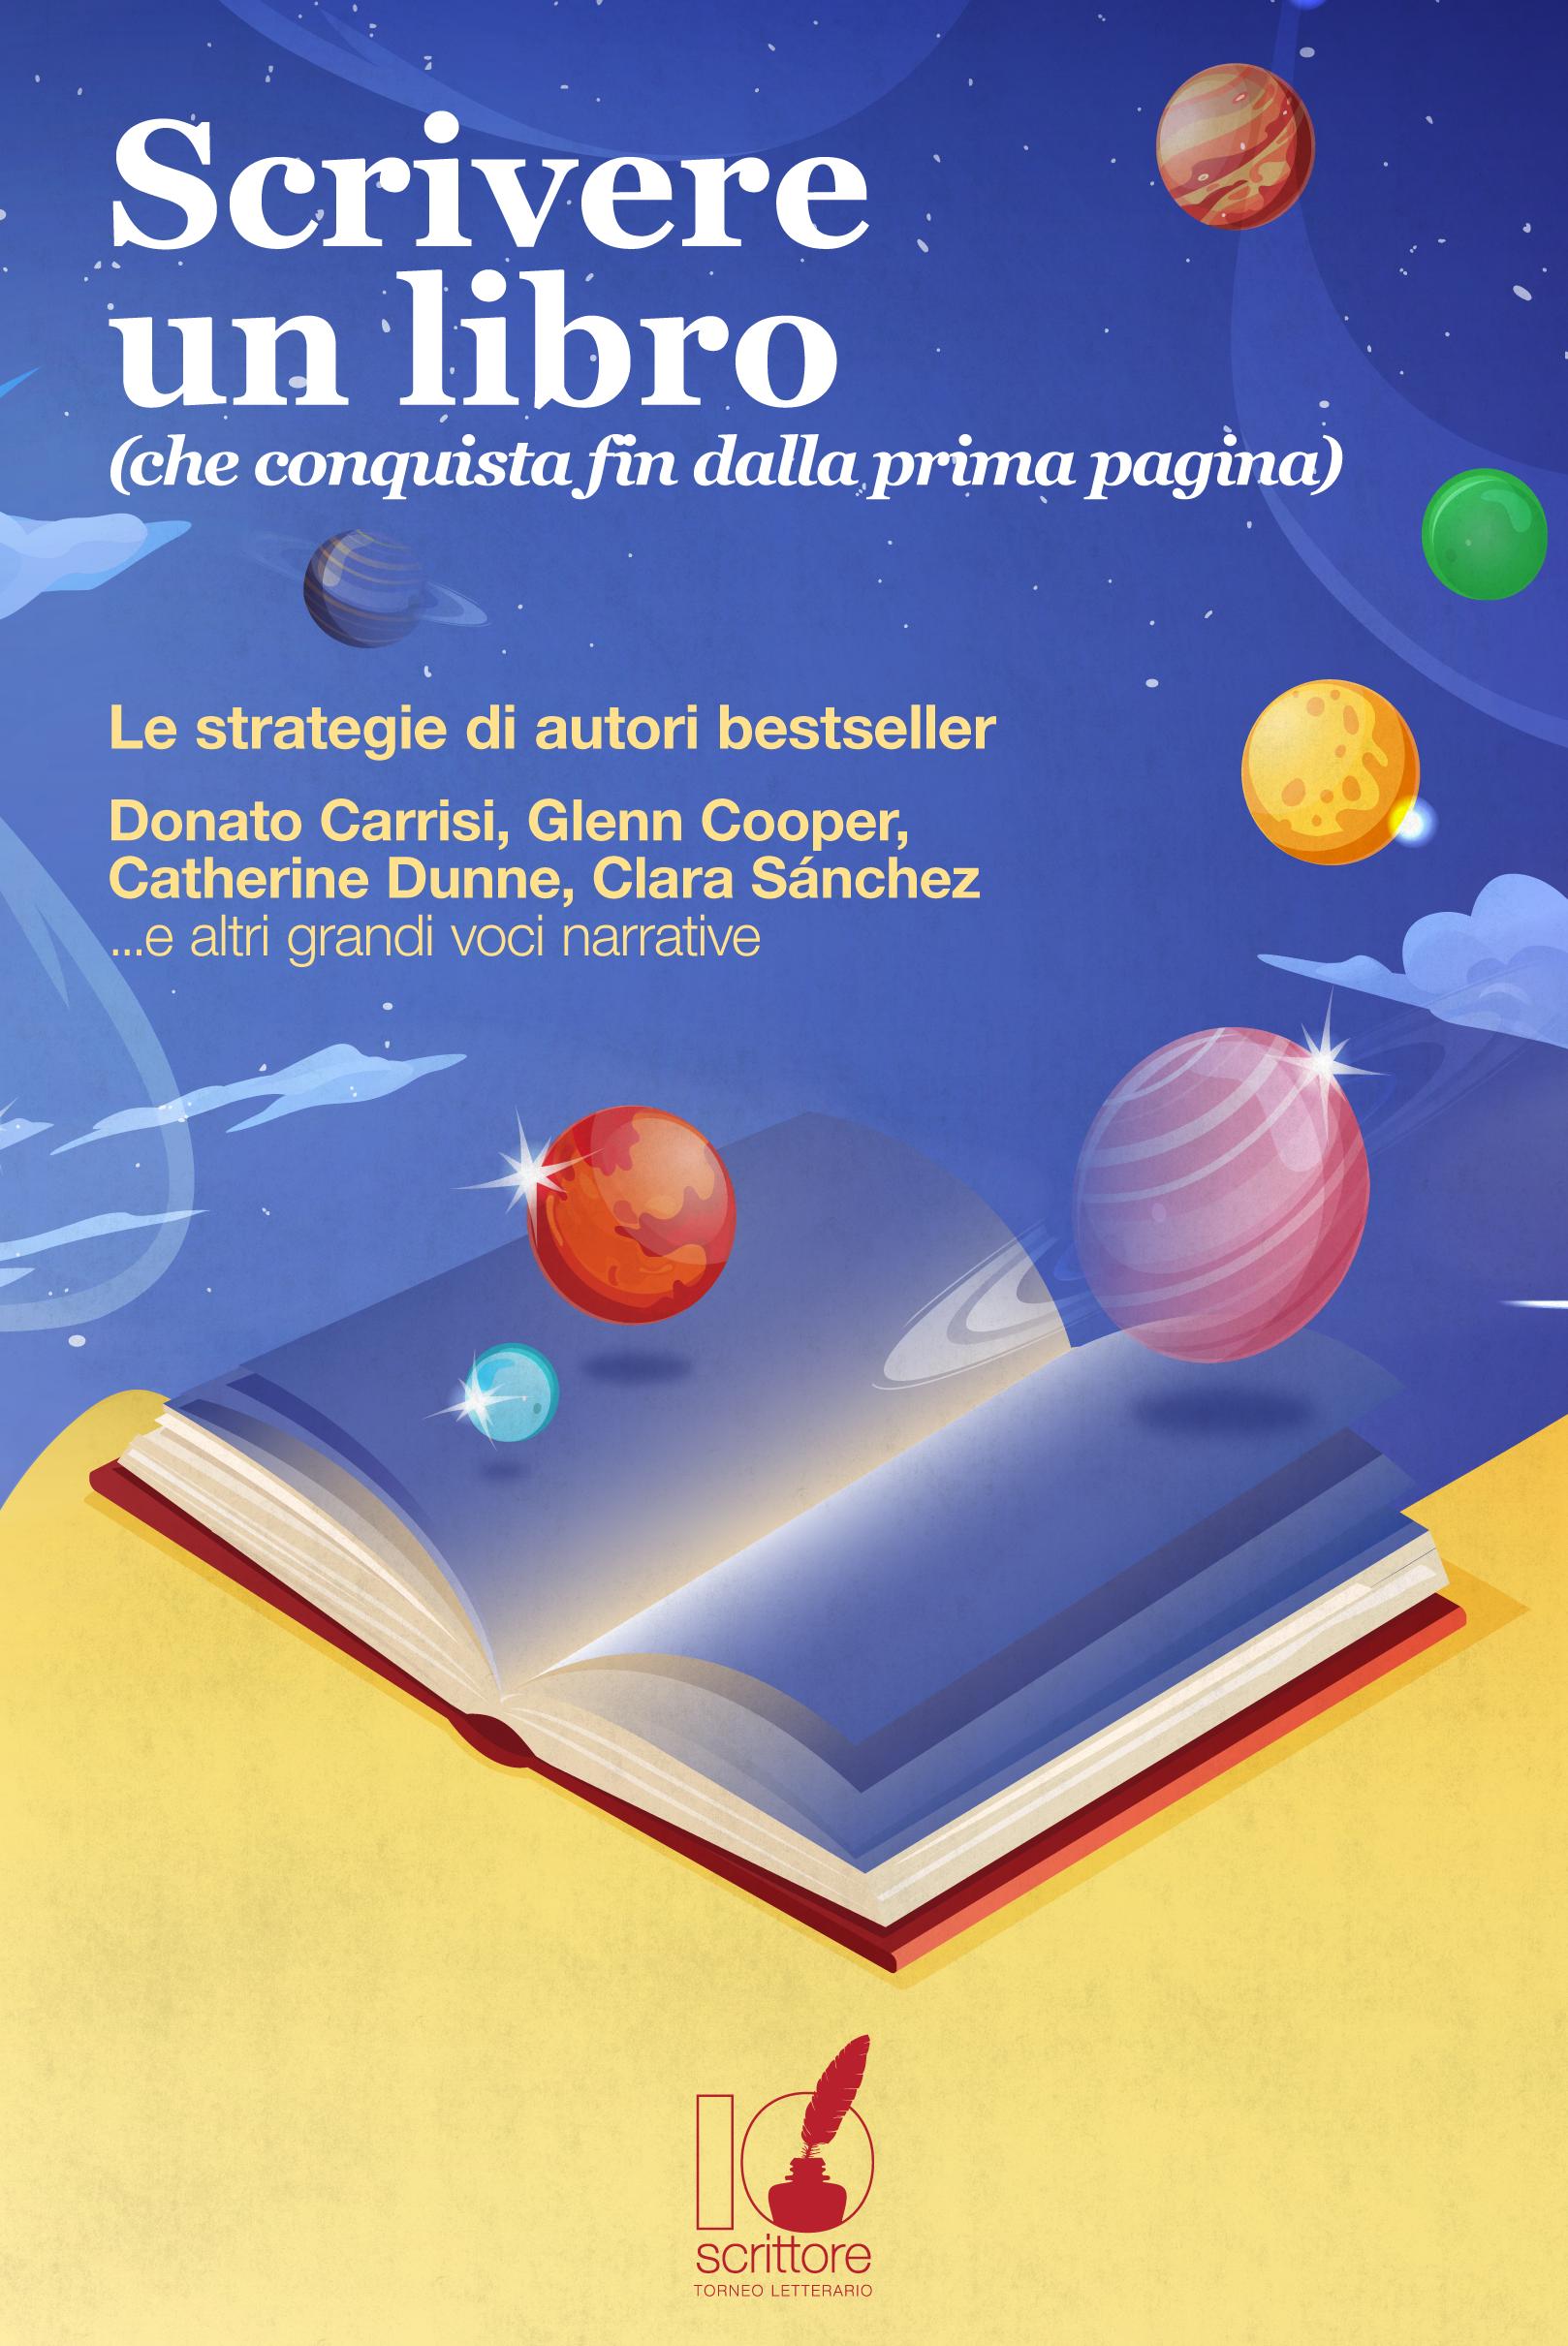 Scrivere un libro che conquista fin dalla prima pagina: Le strategie di grandi autori bestseller.